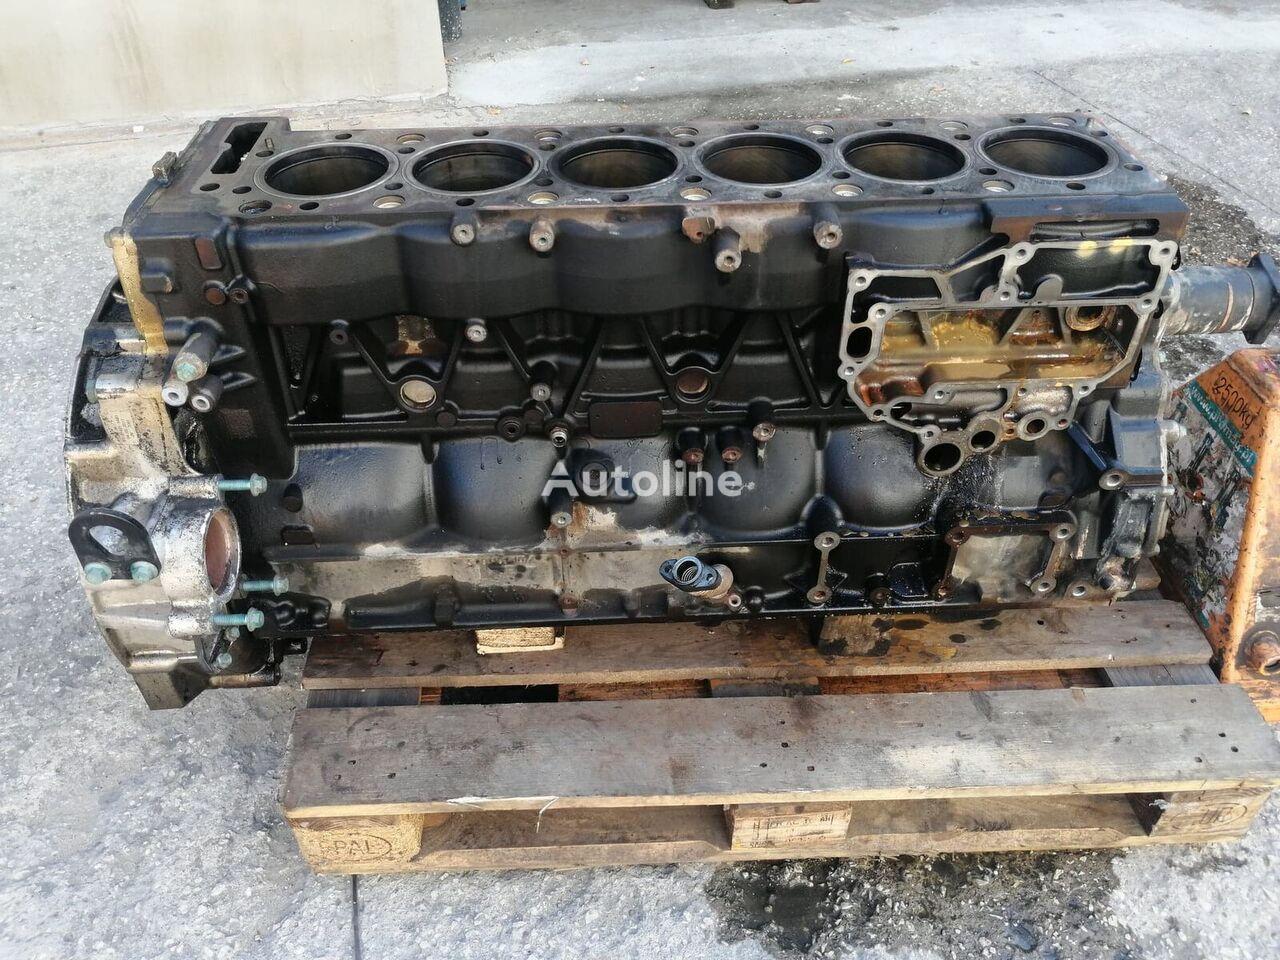 bloc-moteur MAN D2676LF52 Euro6 Nowy EURO 6 D2676 LF 52 Euro 6 pour camion MAN TGX